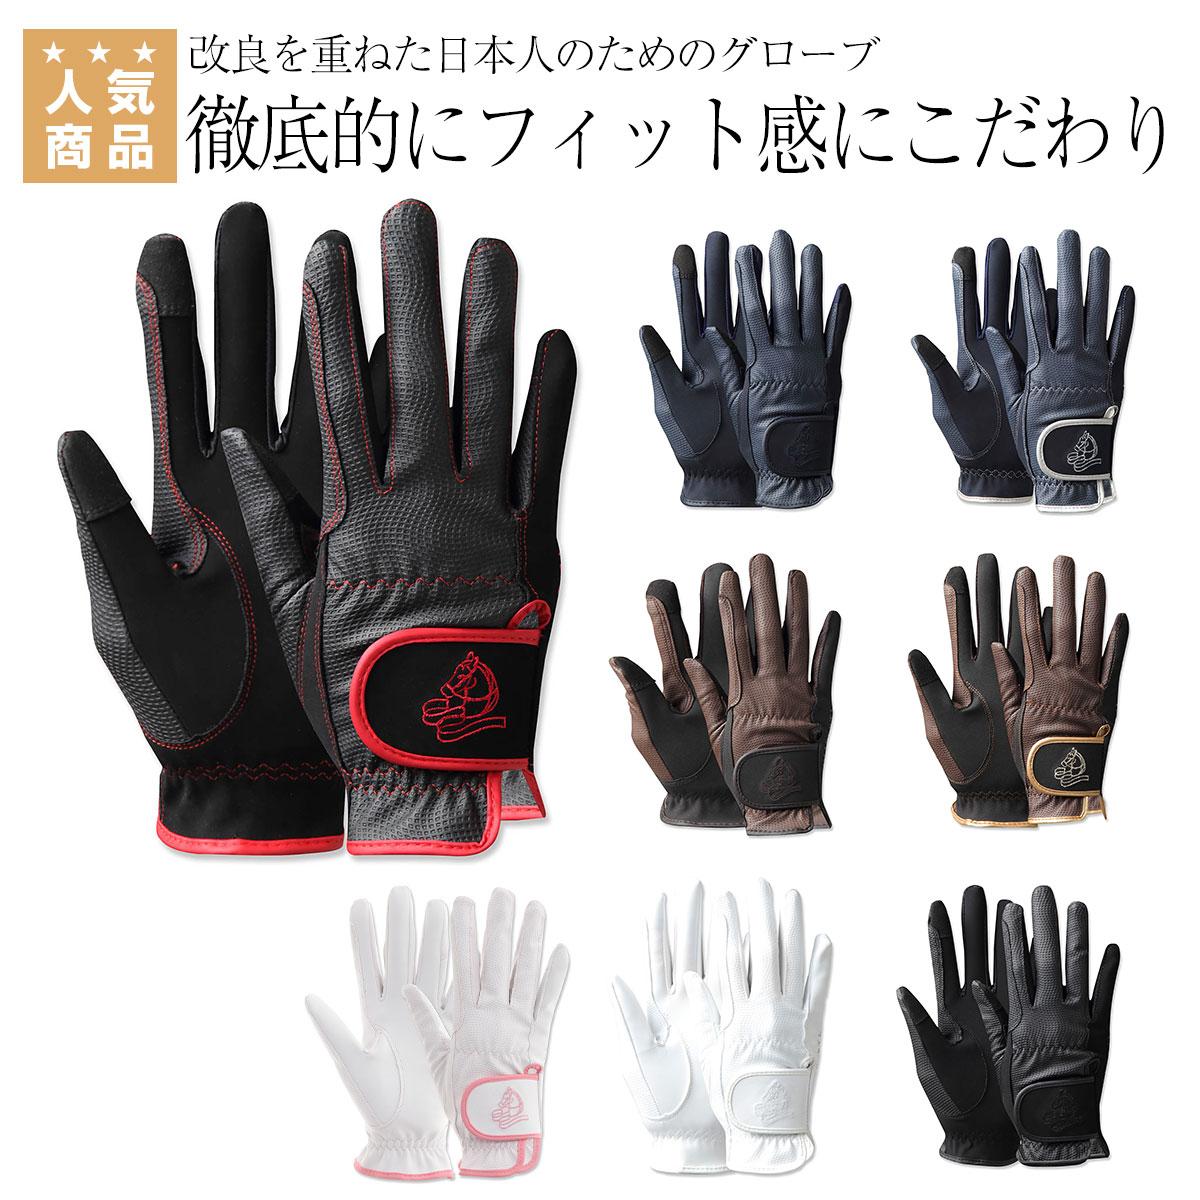 【セール】乗馬 グローブ 手袋 EQULIBERTA 高機能タイトフィット合皮グローブ 乗馬用品 馬具